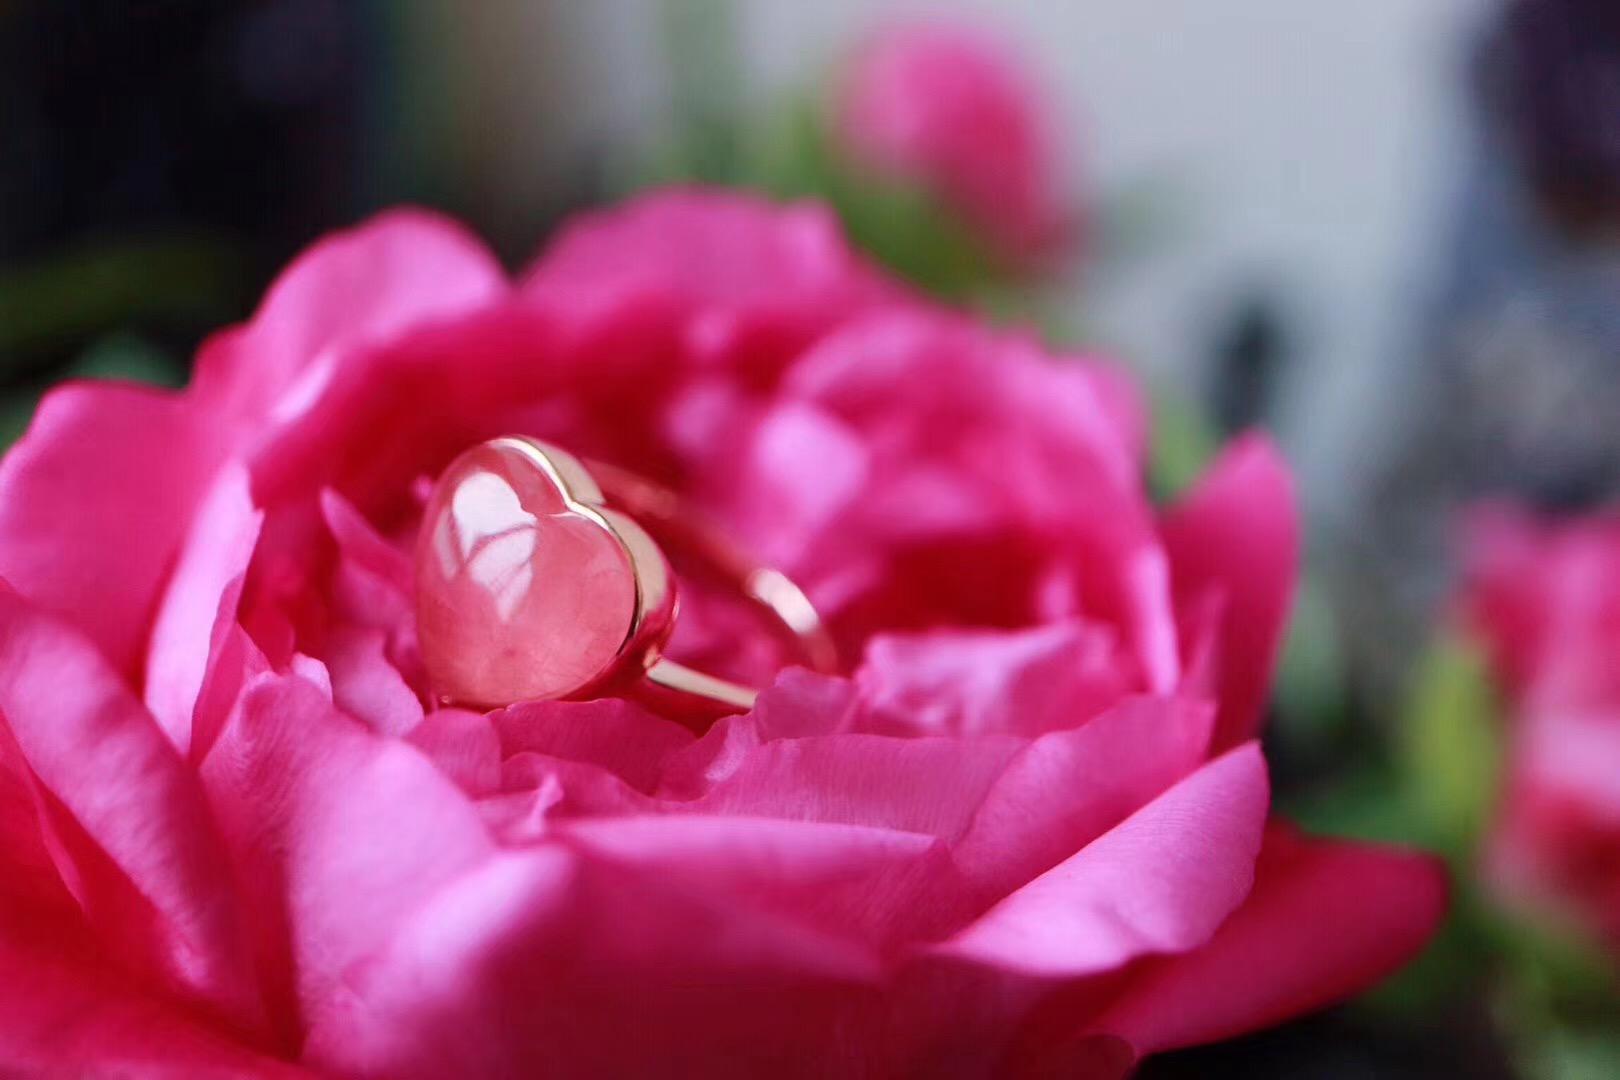 【菩心 | 冰种红纹石💗】我会带着喜悦的祝福能量进入你的气场之内-菩心晶舍